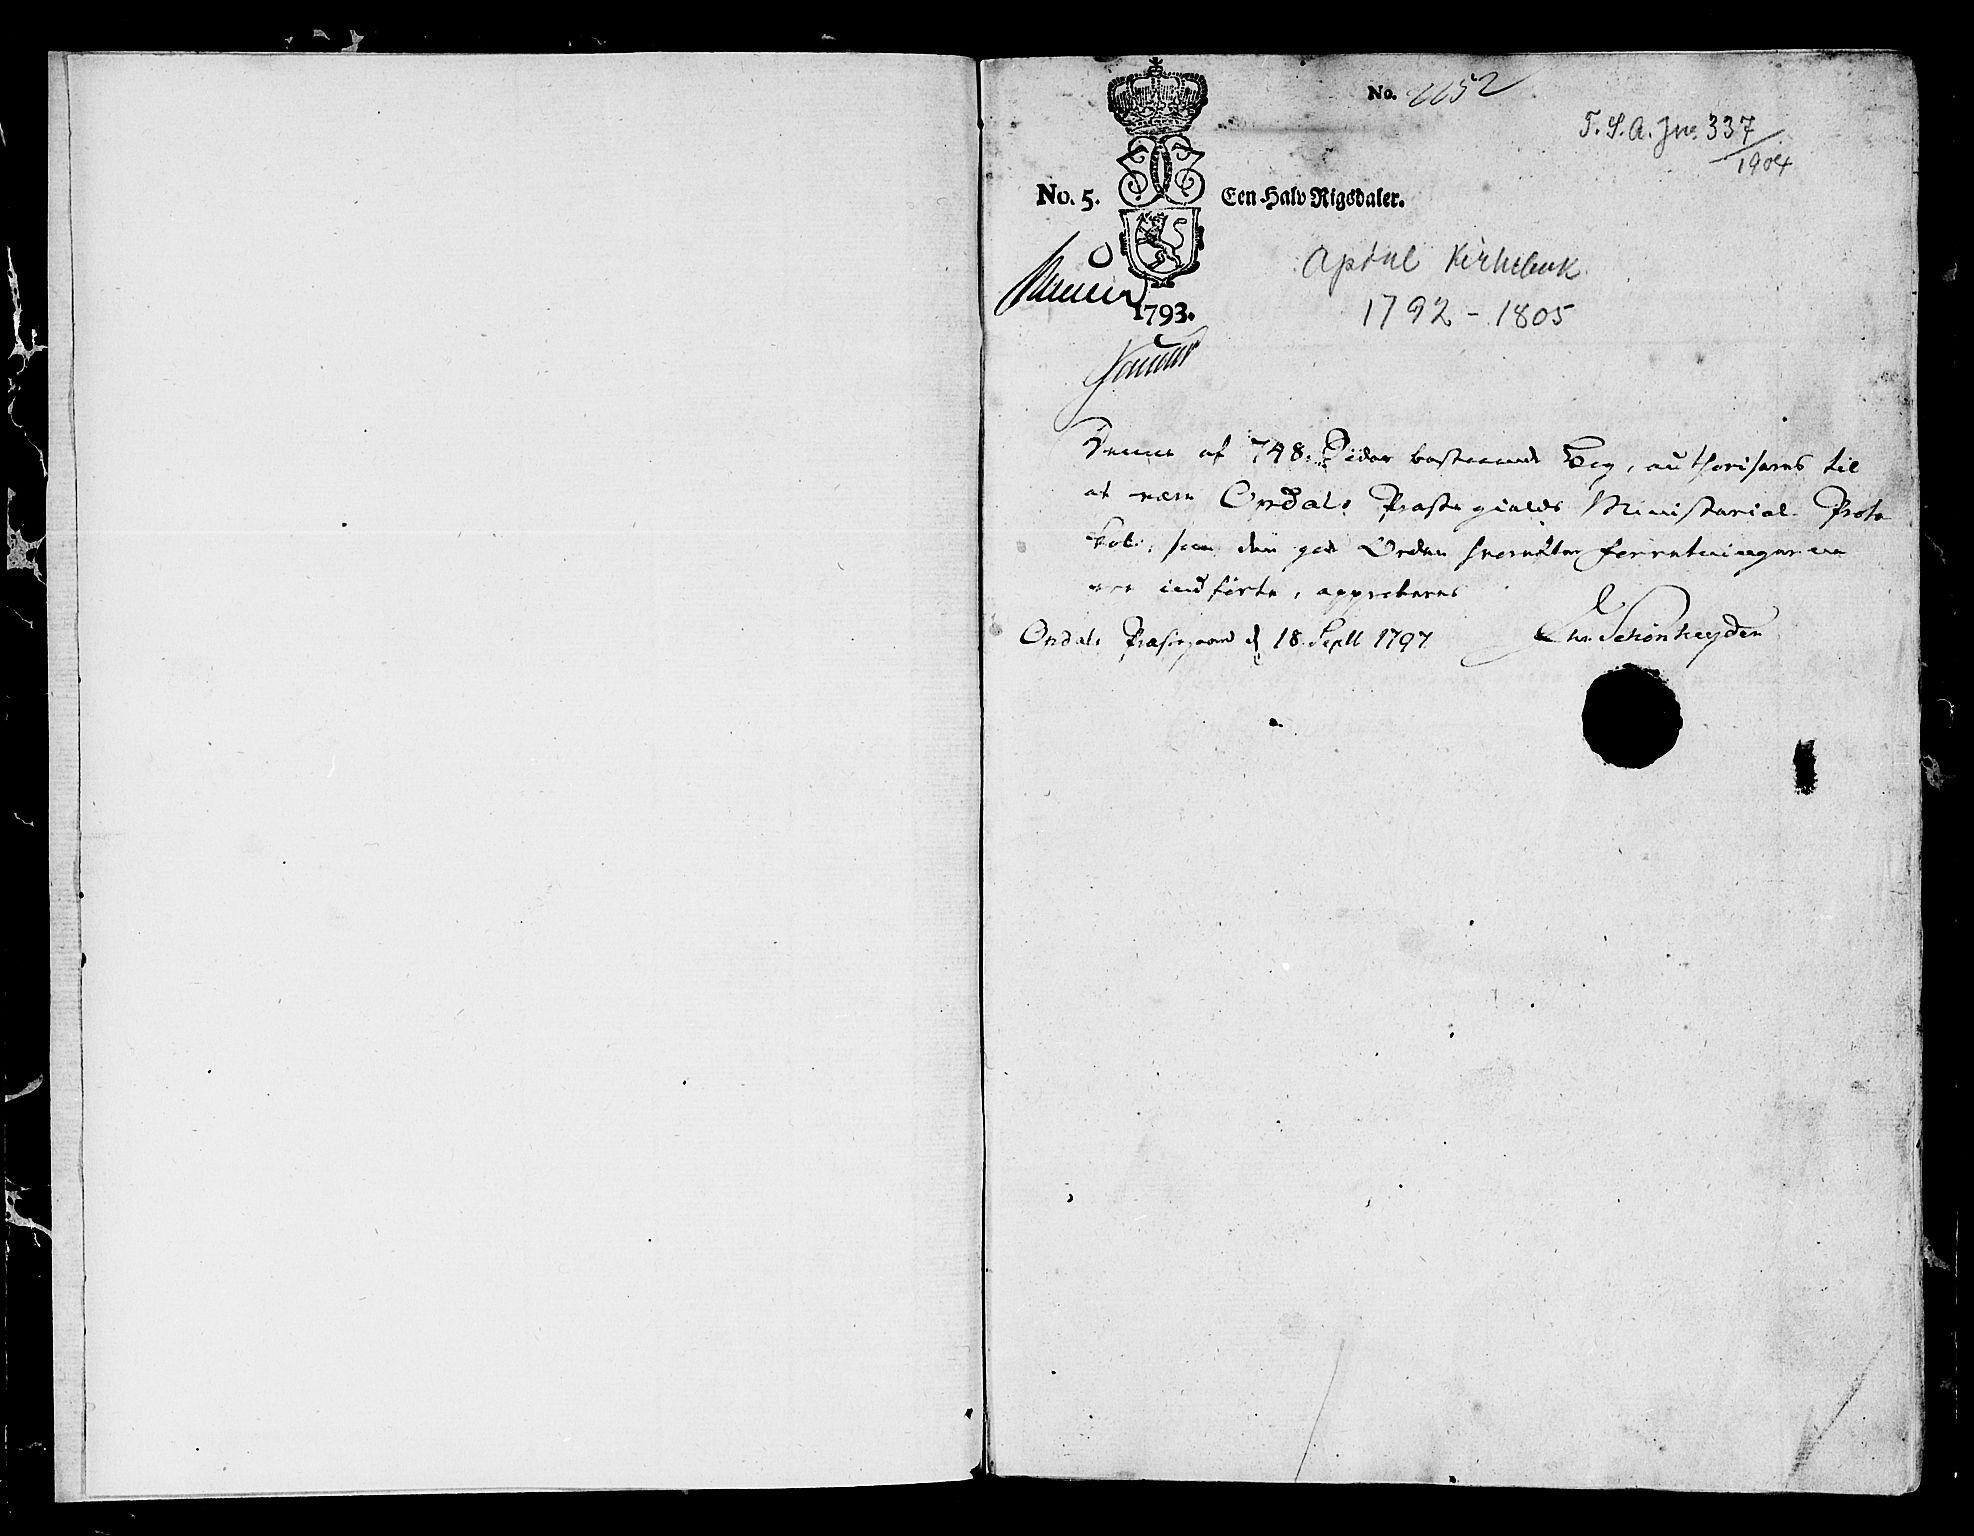 SAT, Ministerialprotokoller, klokkerbøker og fødselsregistre - Sør-Trøndelag, 678/L0893: Ministerialbok nr. 678A03, 1792-1805